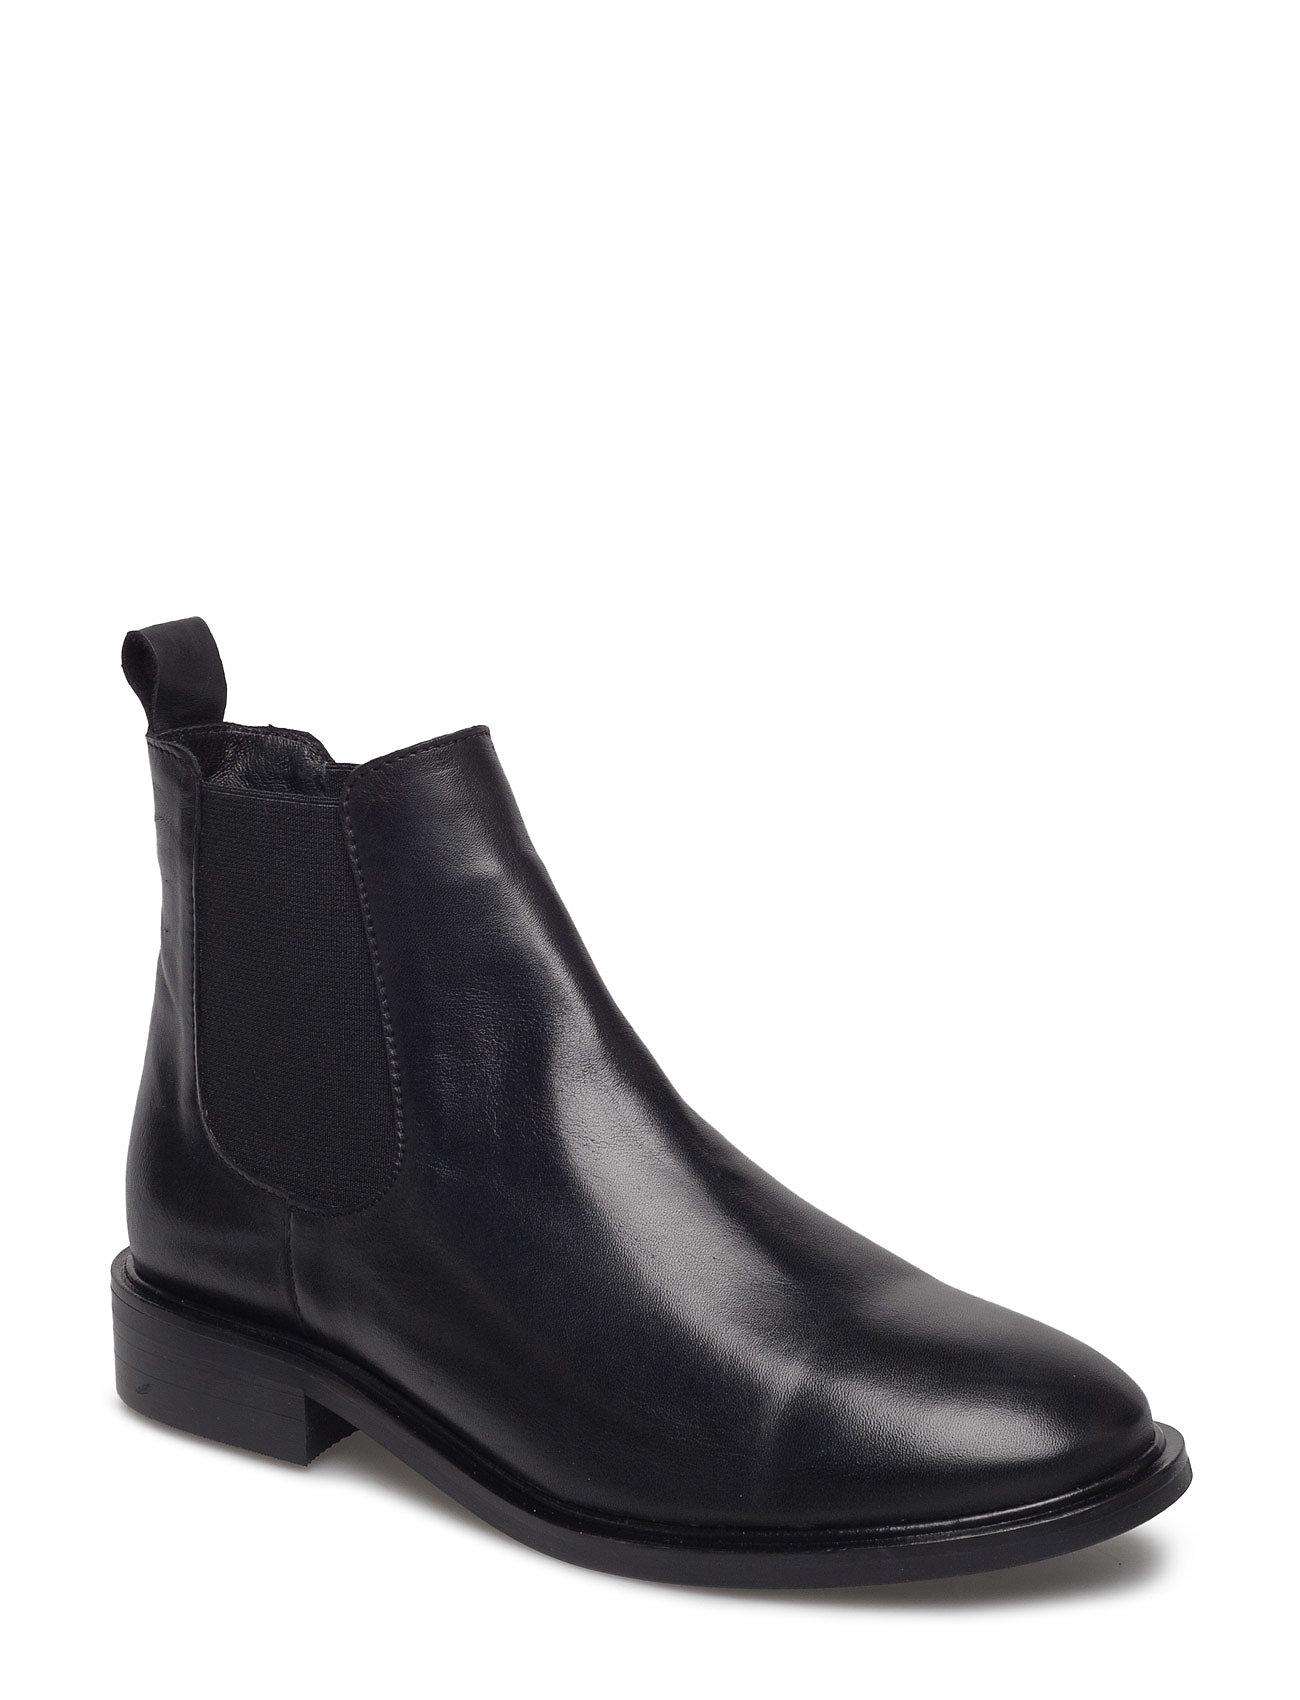 Classic Leather Chelsea Bianco Støvler til Damer i Sort